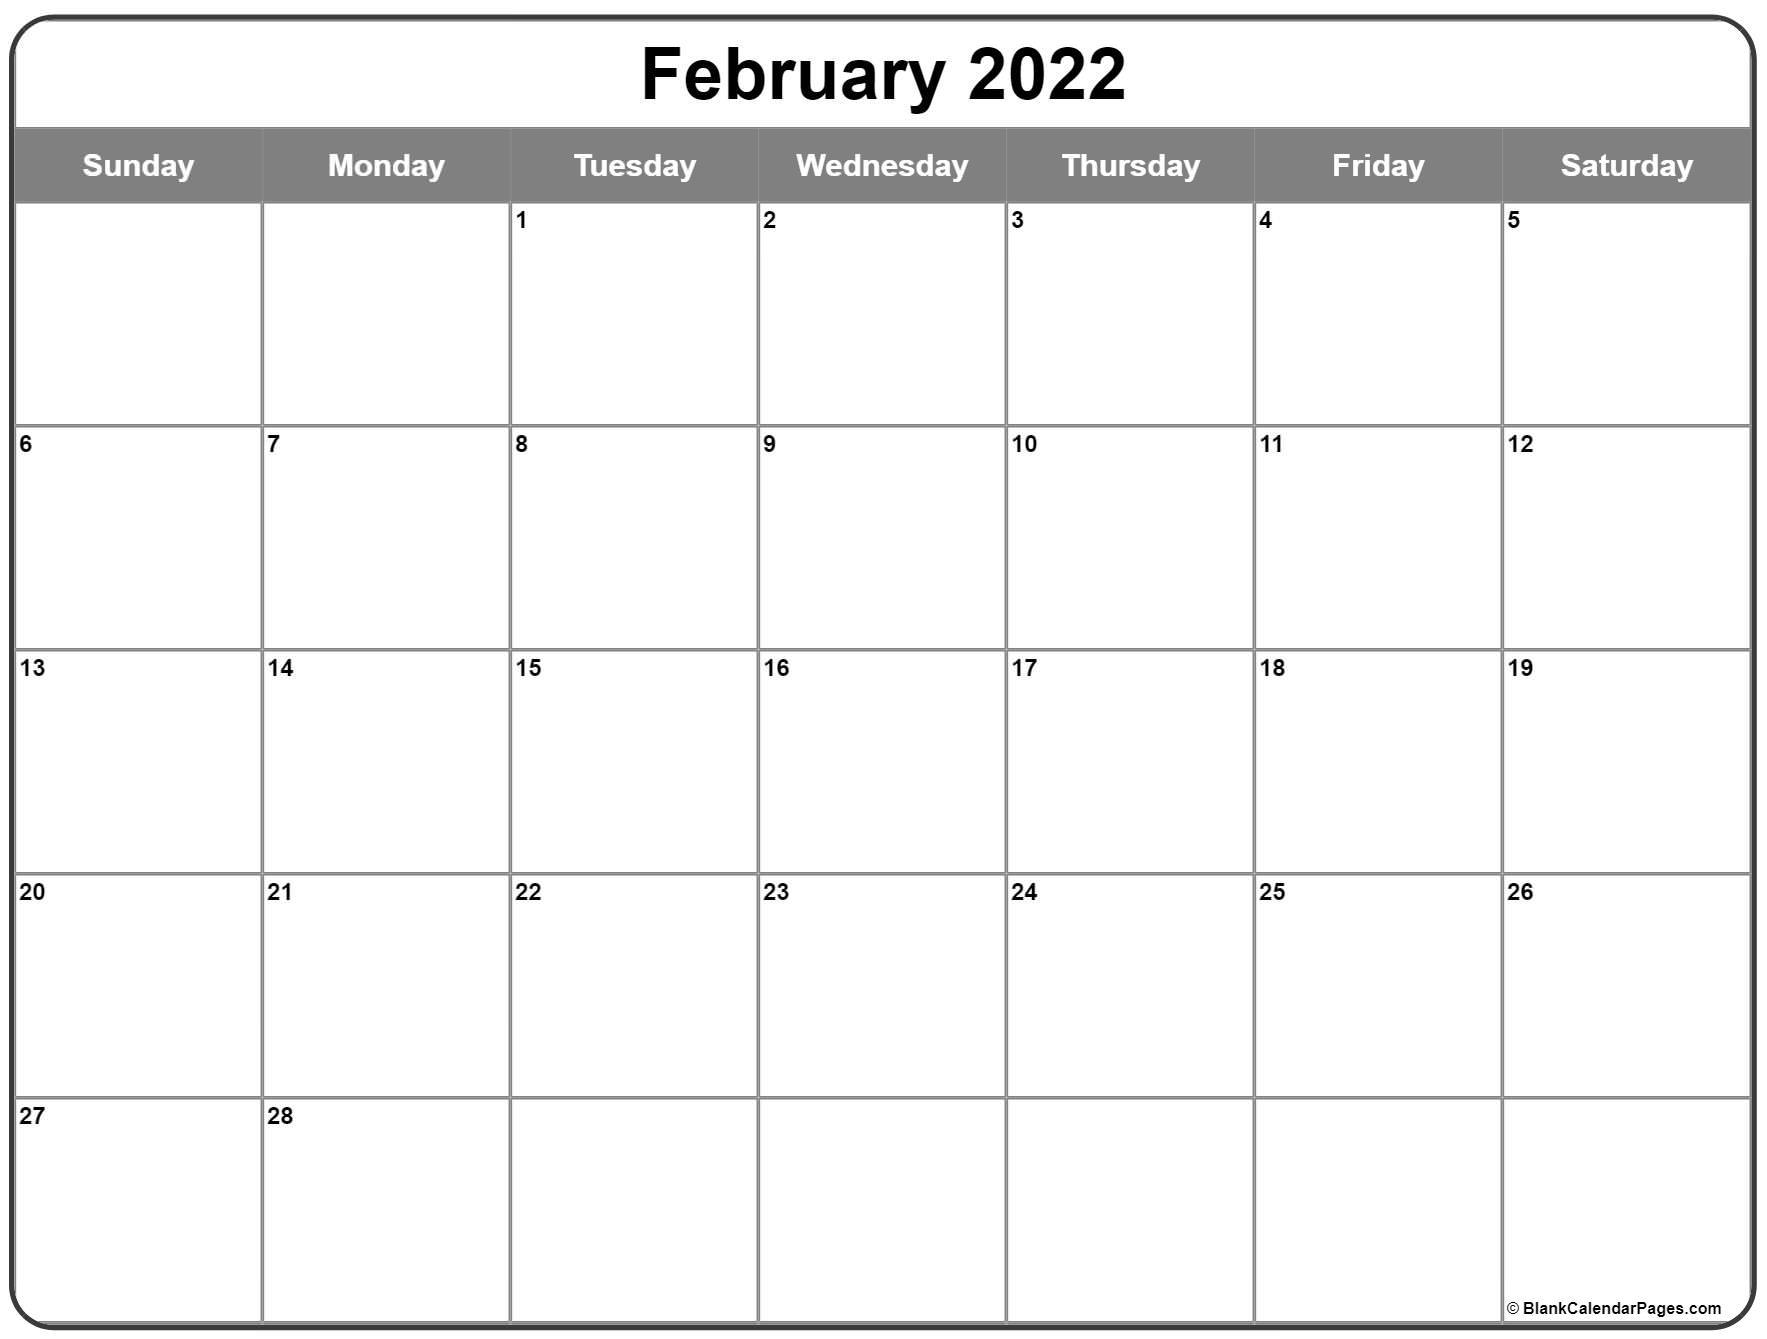 February 2022 Calendar   Free Printable Calendar Templates Throughout Printable Februaryy 2022 Calendar